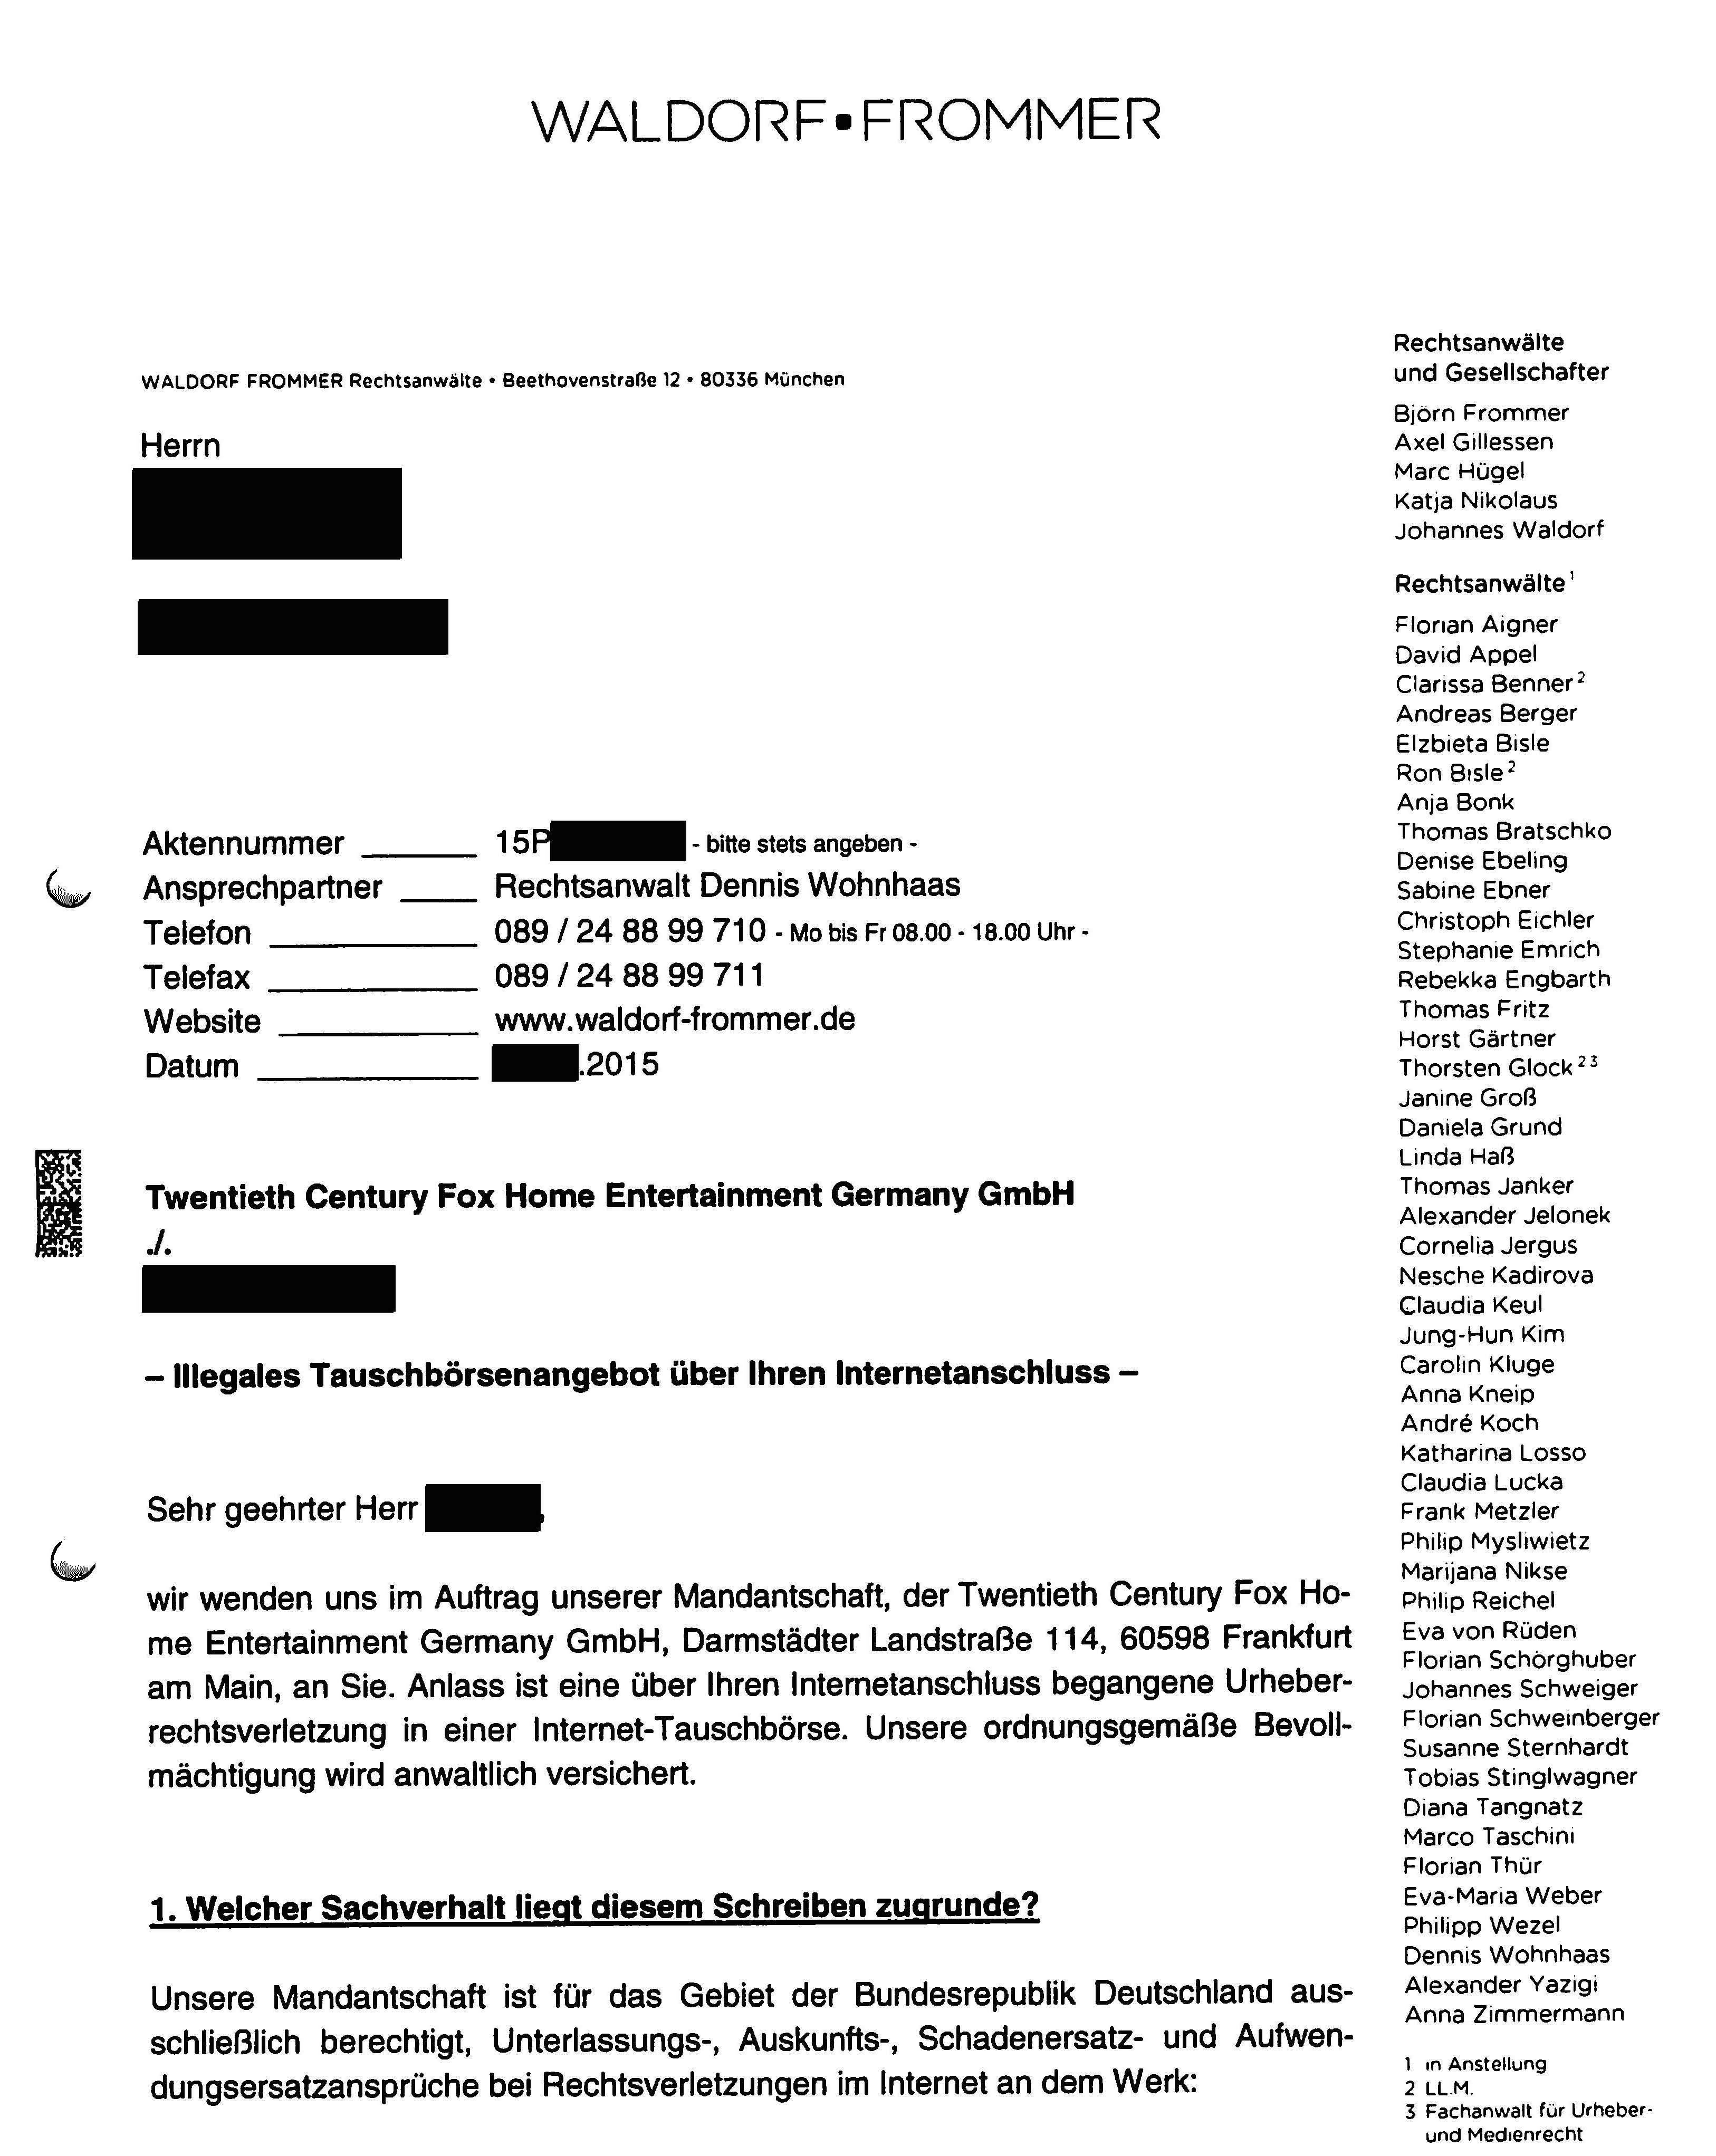 waldorf frommer abmahnung - Strafbewehrte Unterlassungserklarung Muster